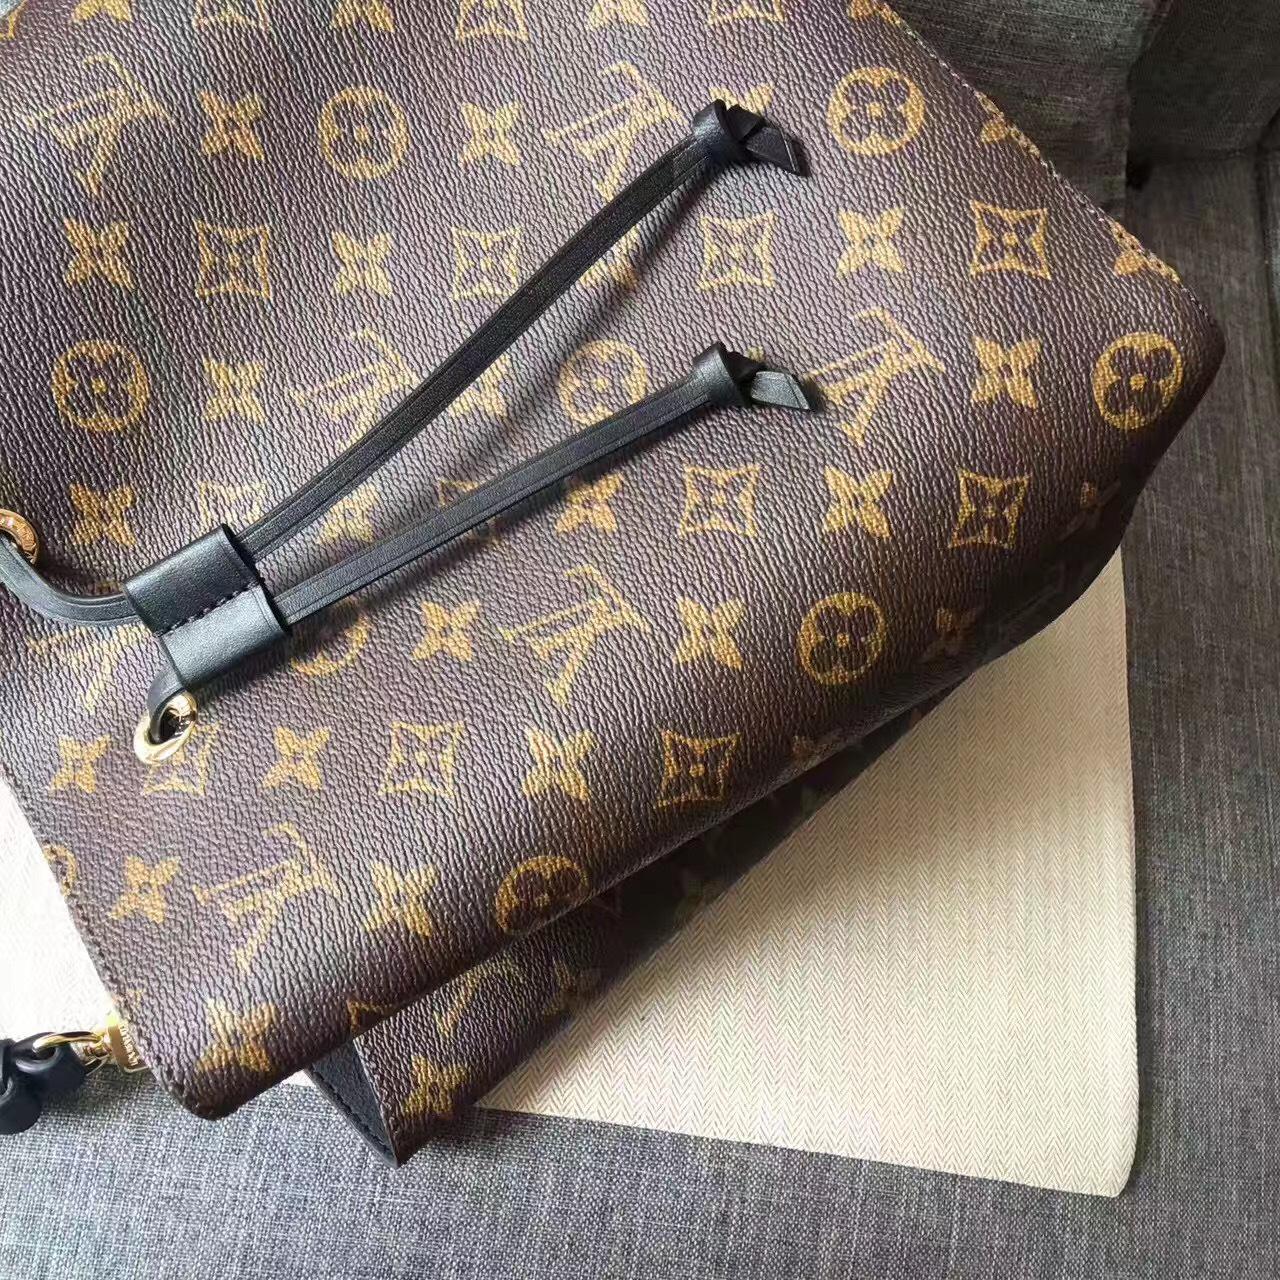 �y�b9�%9oe_lv neonoe手袋 monogram帆布桶包,经典永恒!